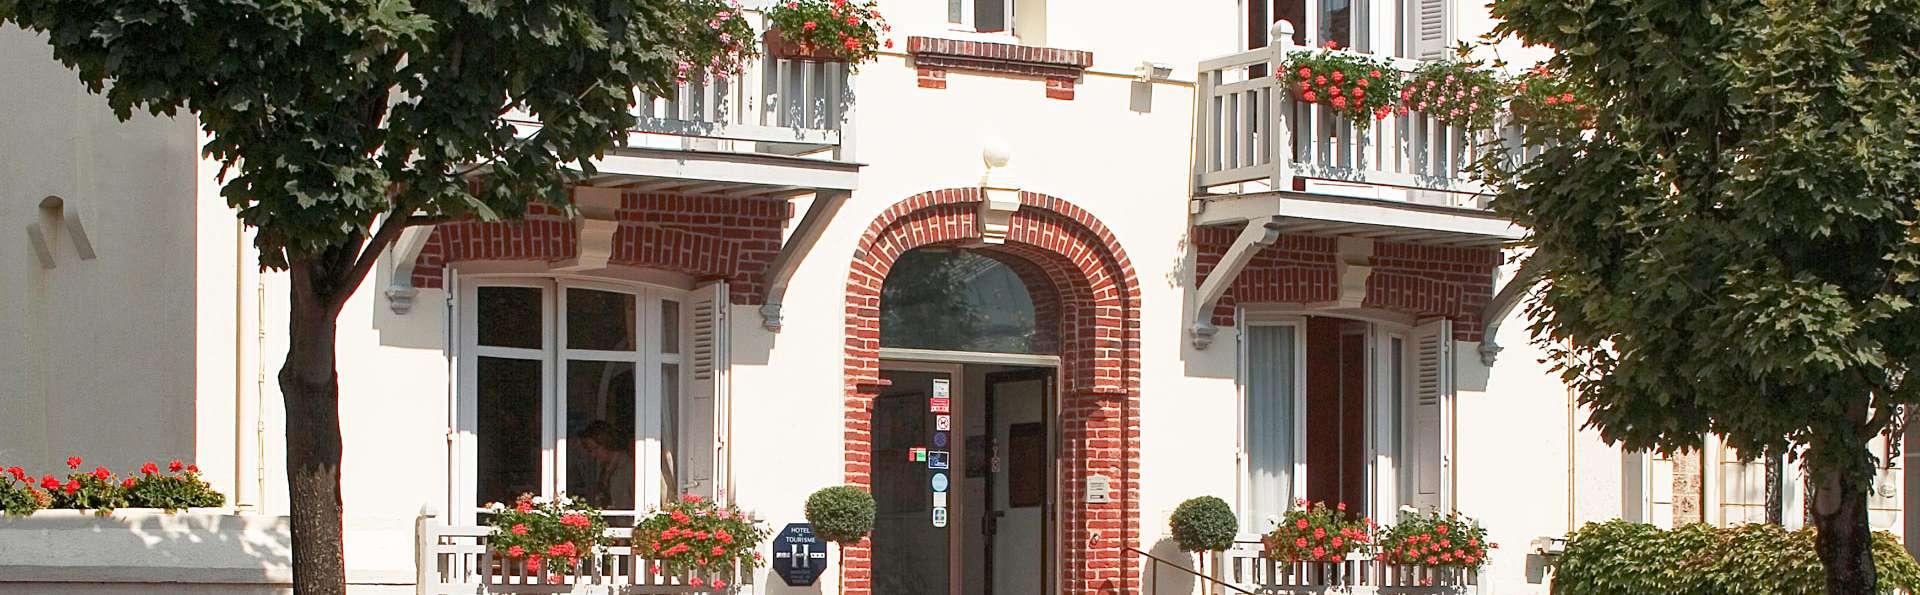 Hôtel Le Marie Anne - EDIT_FRONT_01.jpg